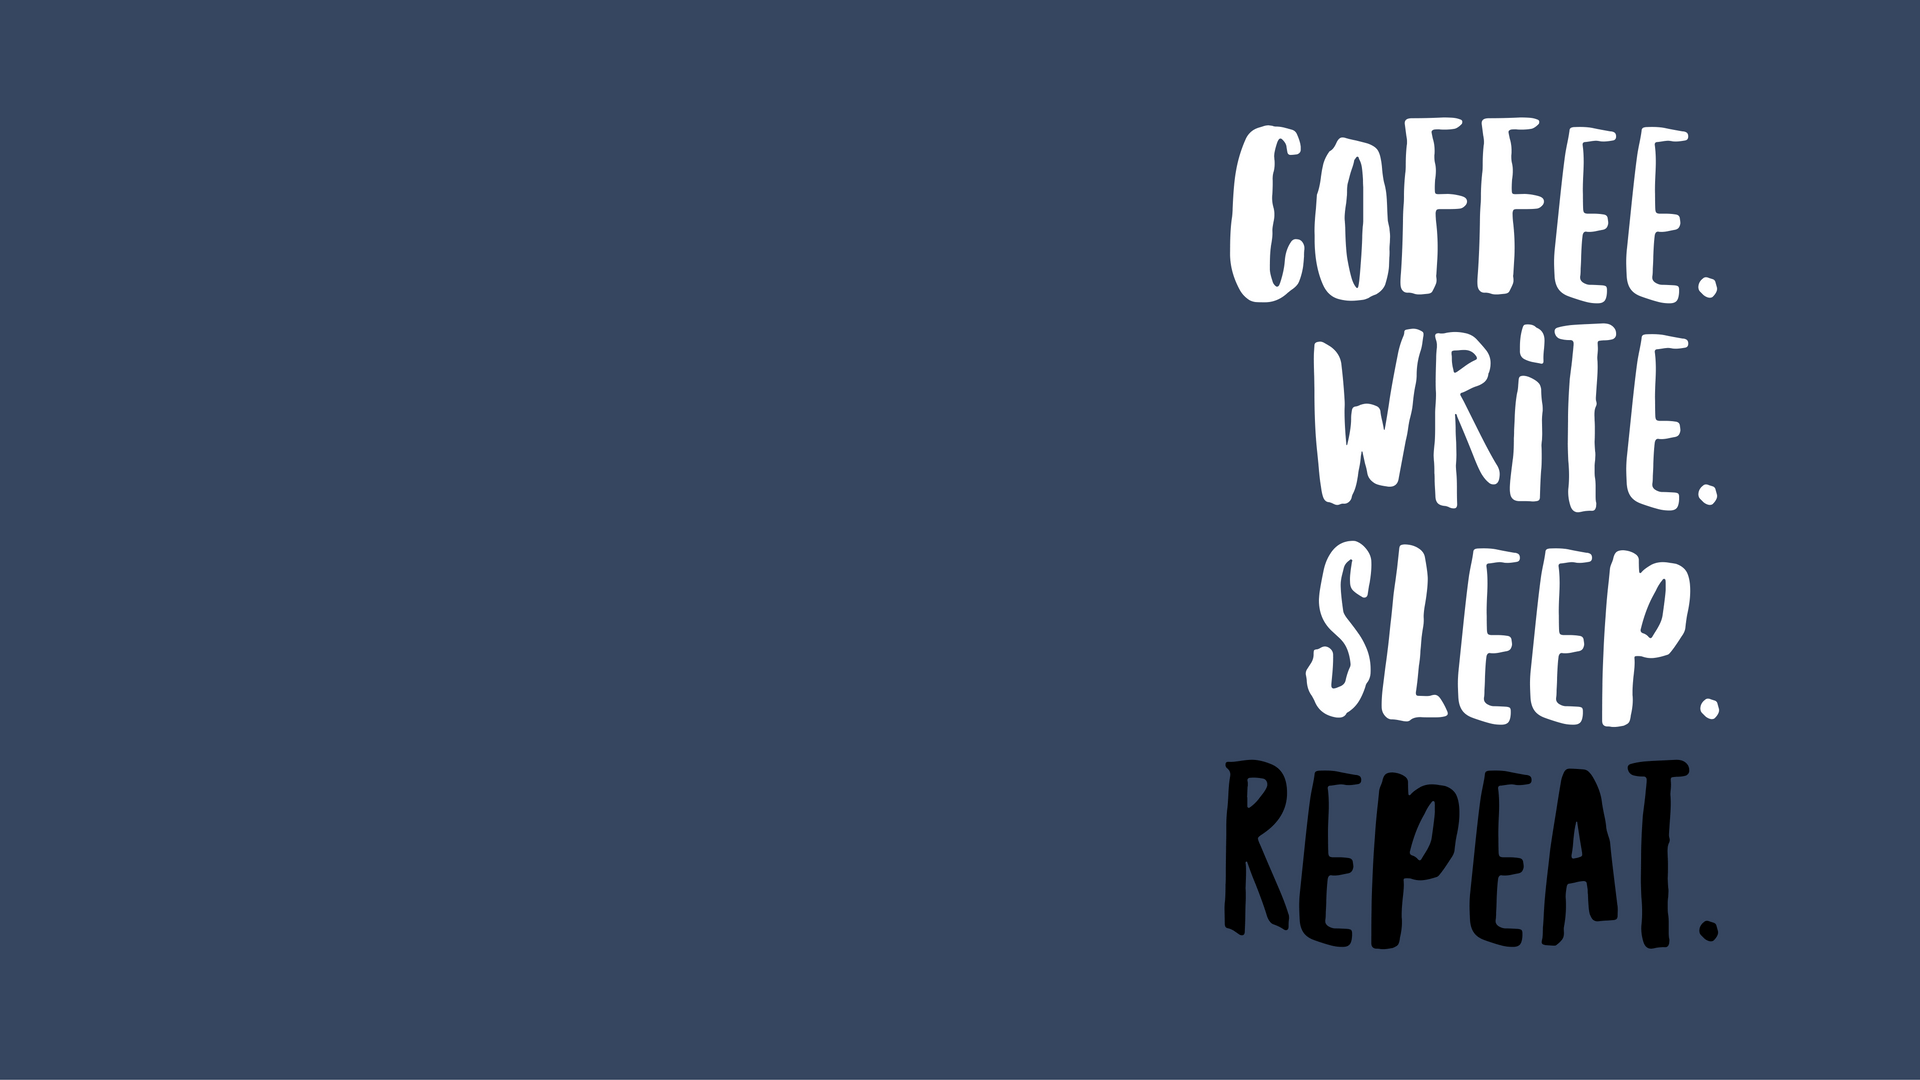 Coffee. Write. Sleep. Repeat.